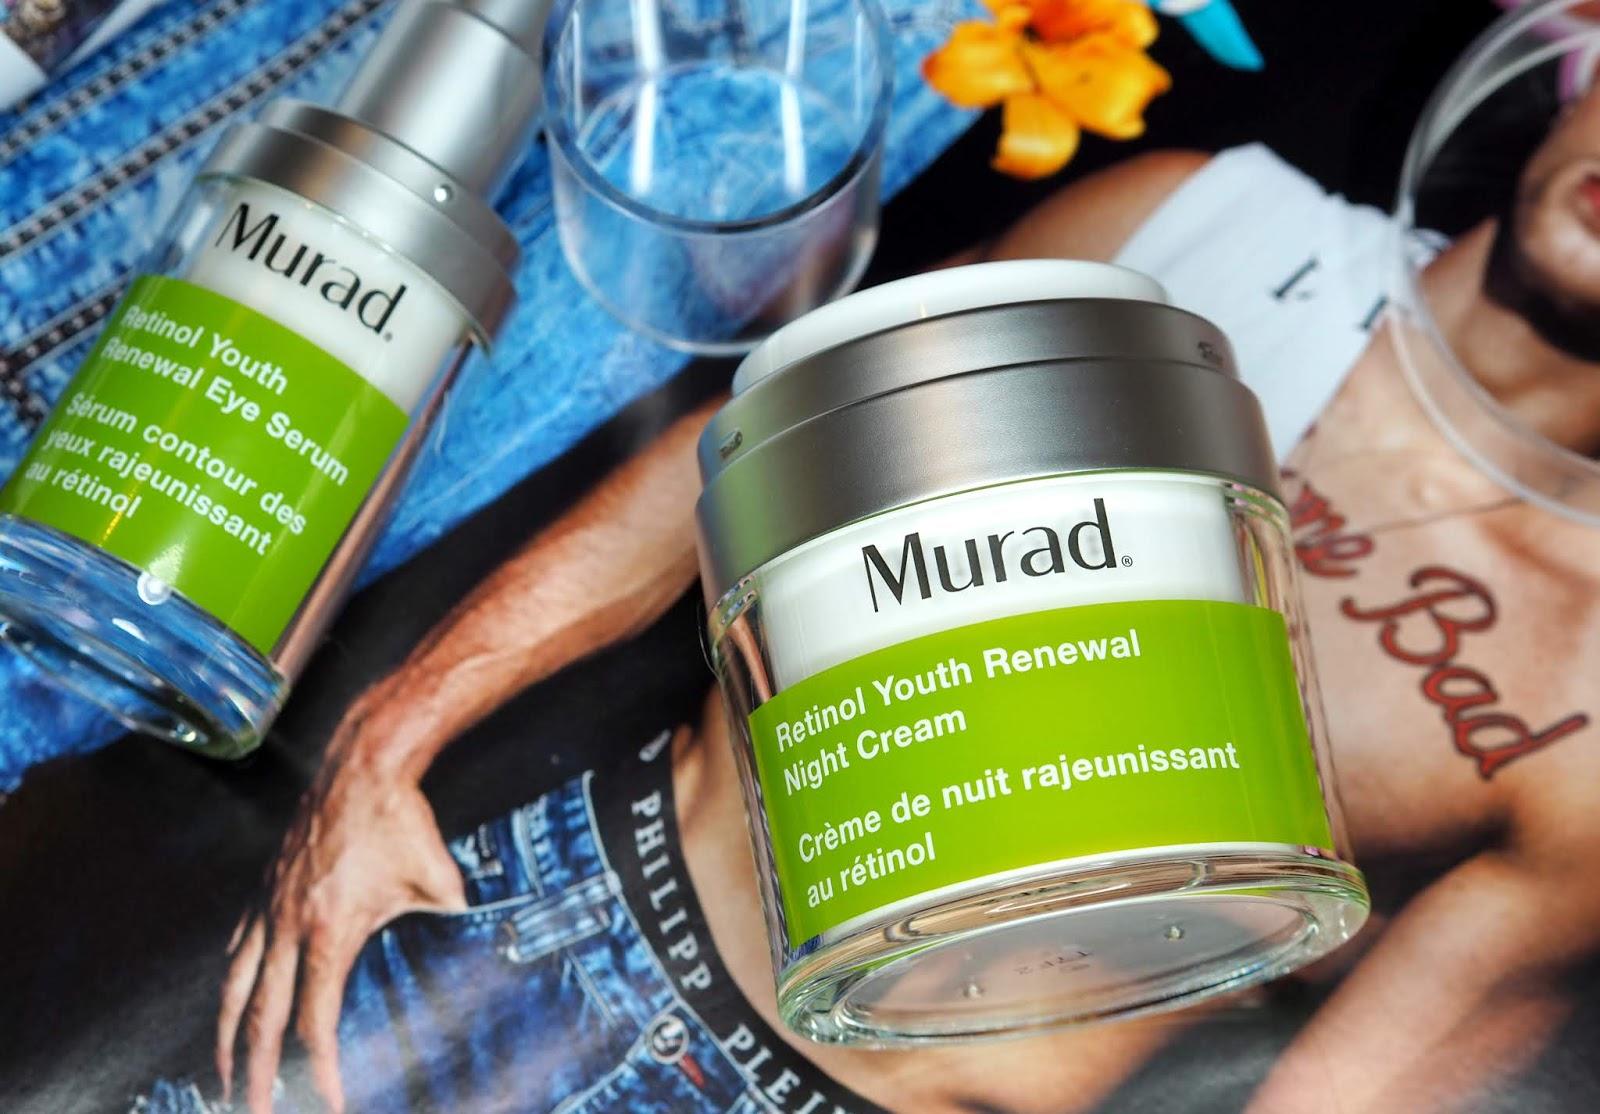 Review: Murad Retinol Youth Renewal Night Cream & Eye Serum